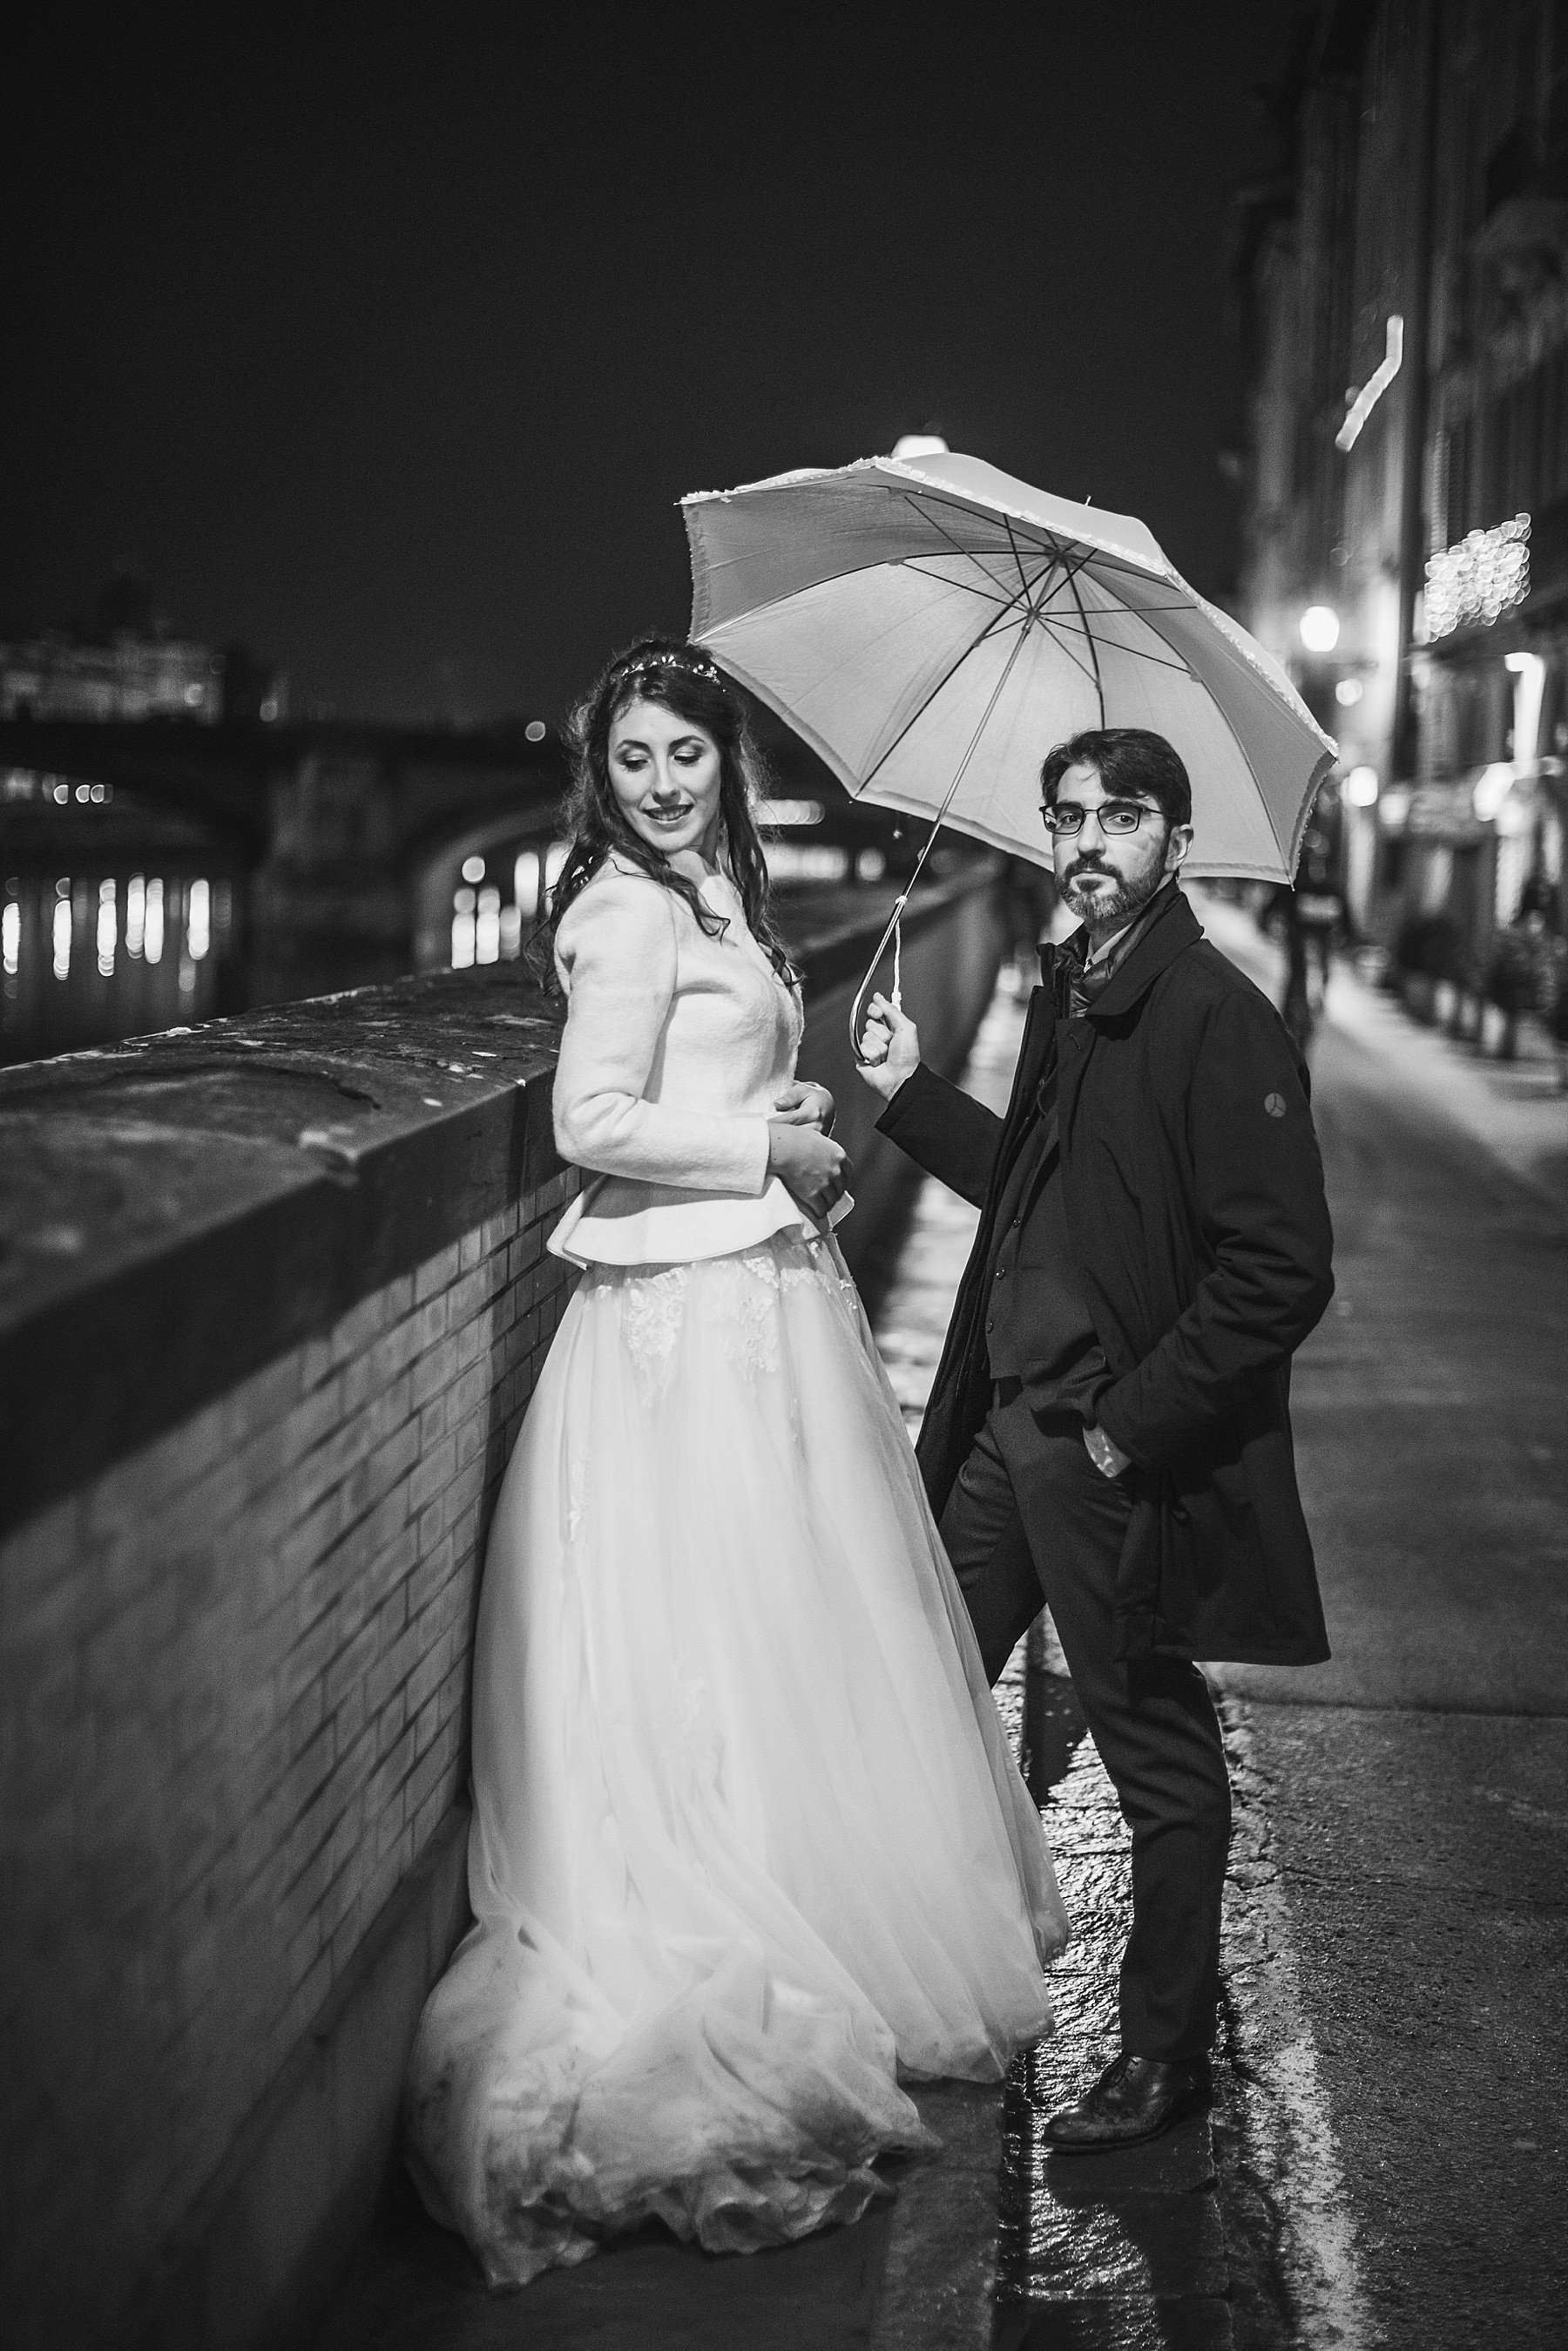 fotografia di matrimonio a firenze in inverno 779